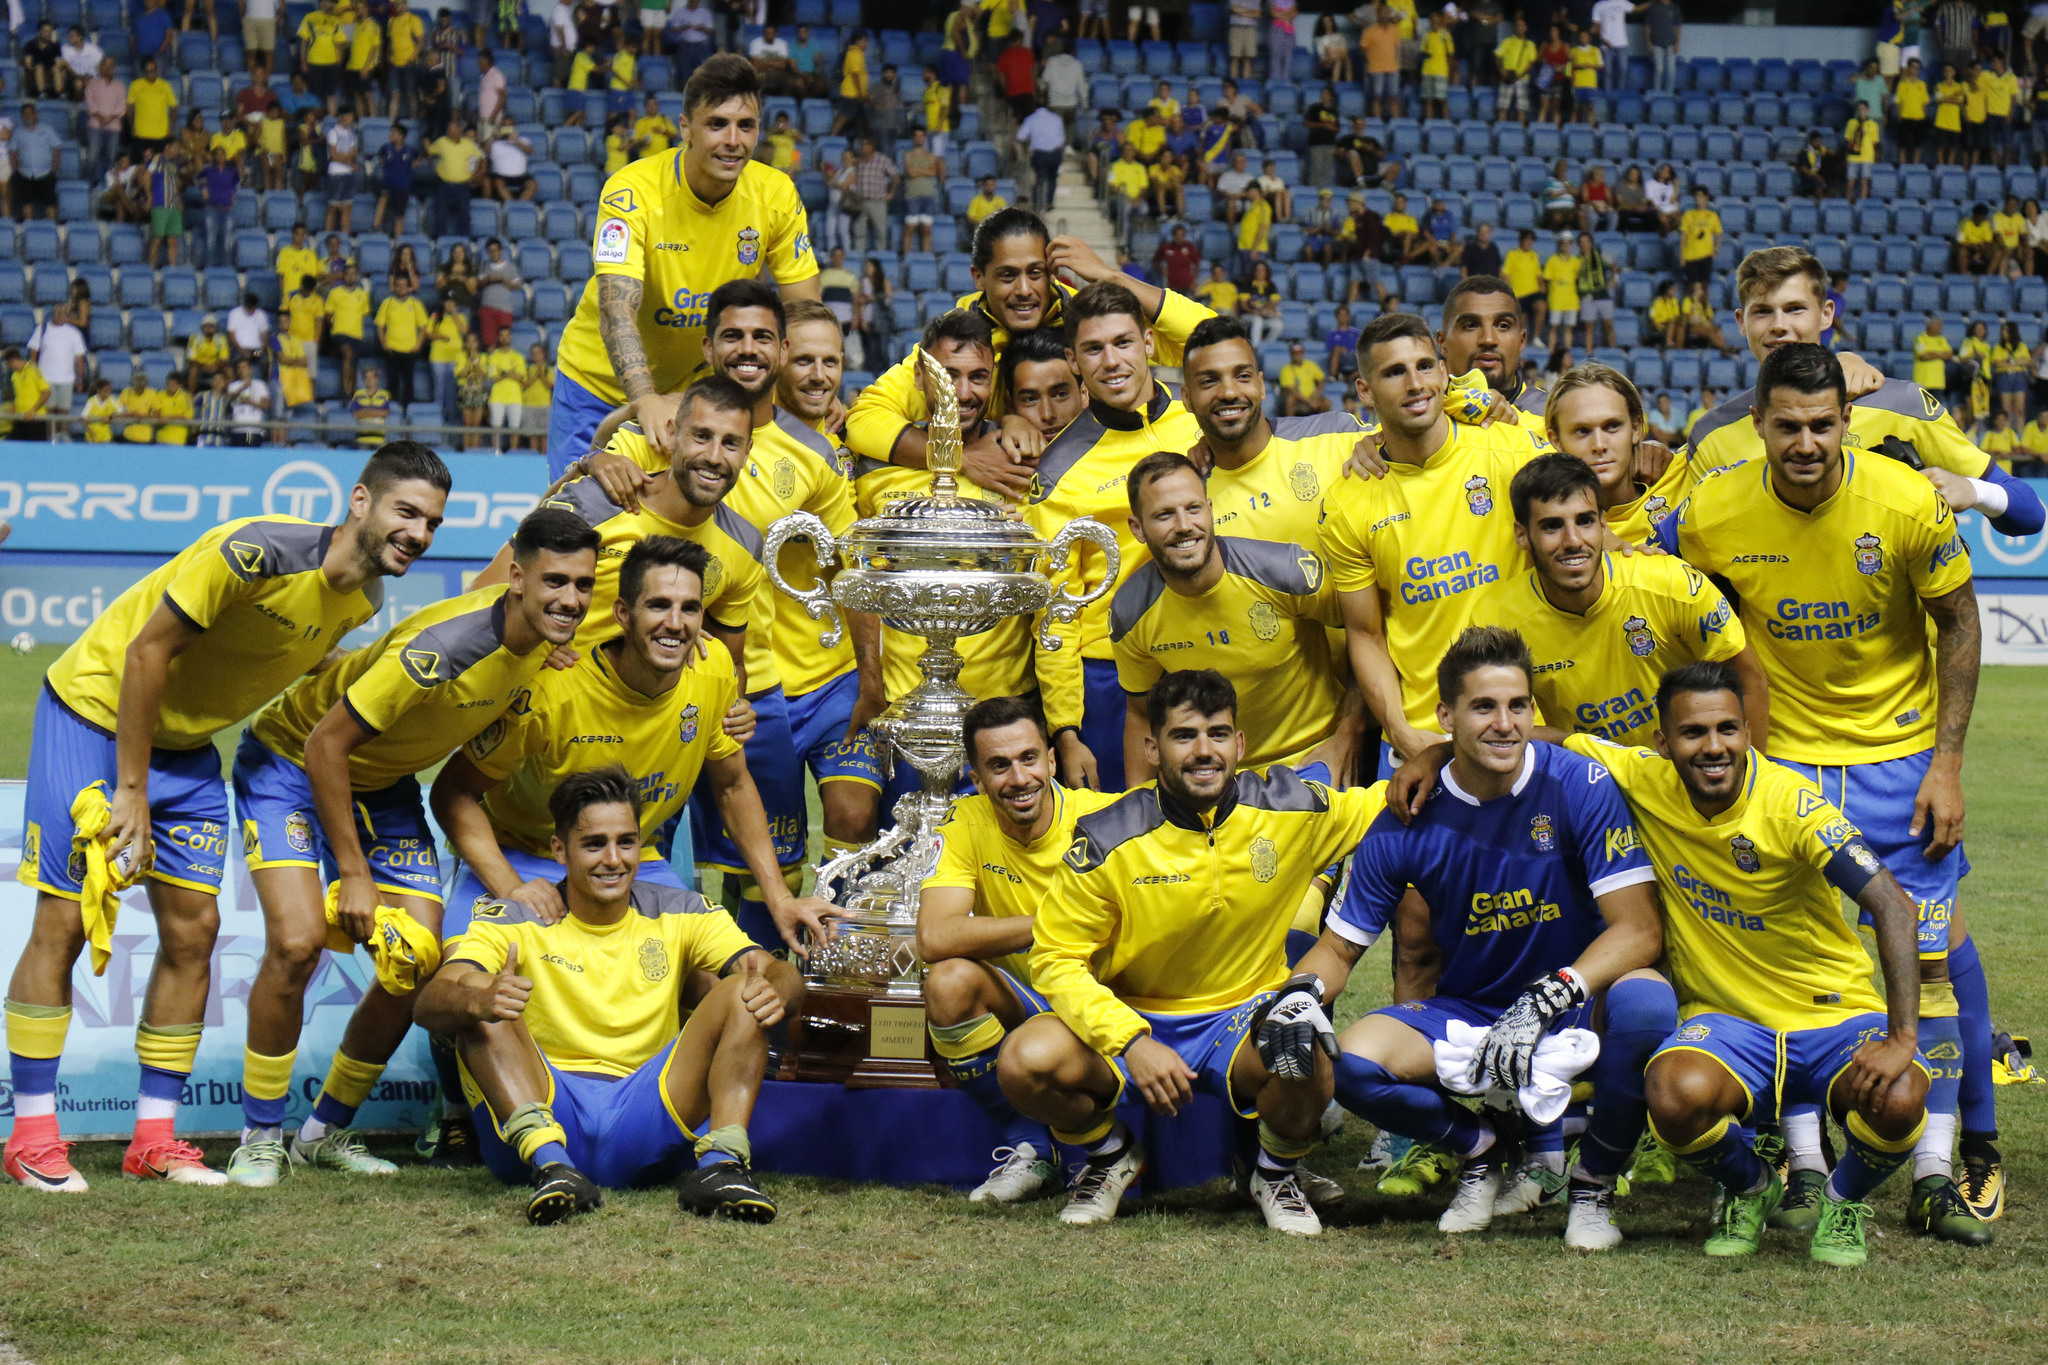 Los jugadores de Las Palmas posan con el Trofeo Carranza de 2017